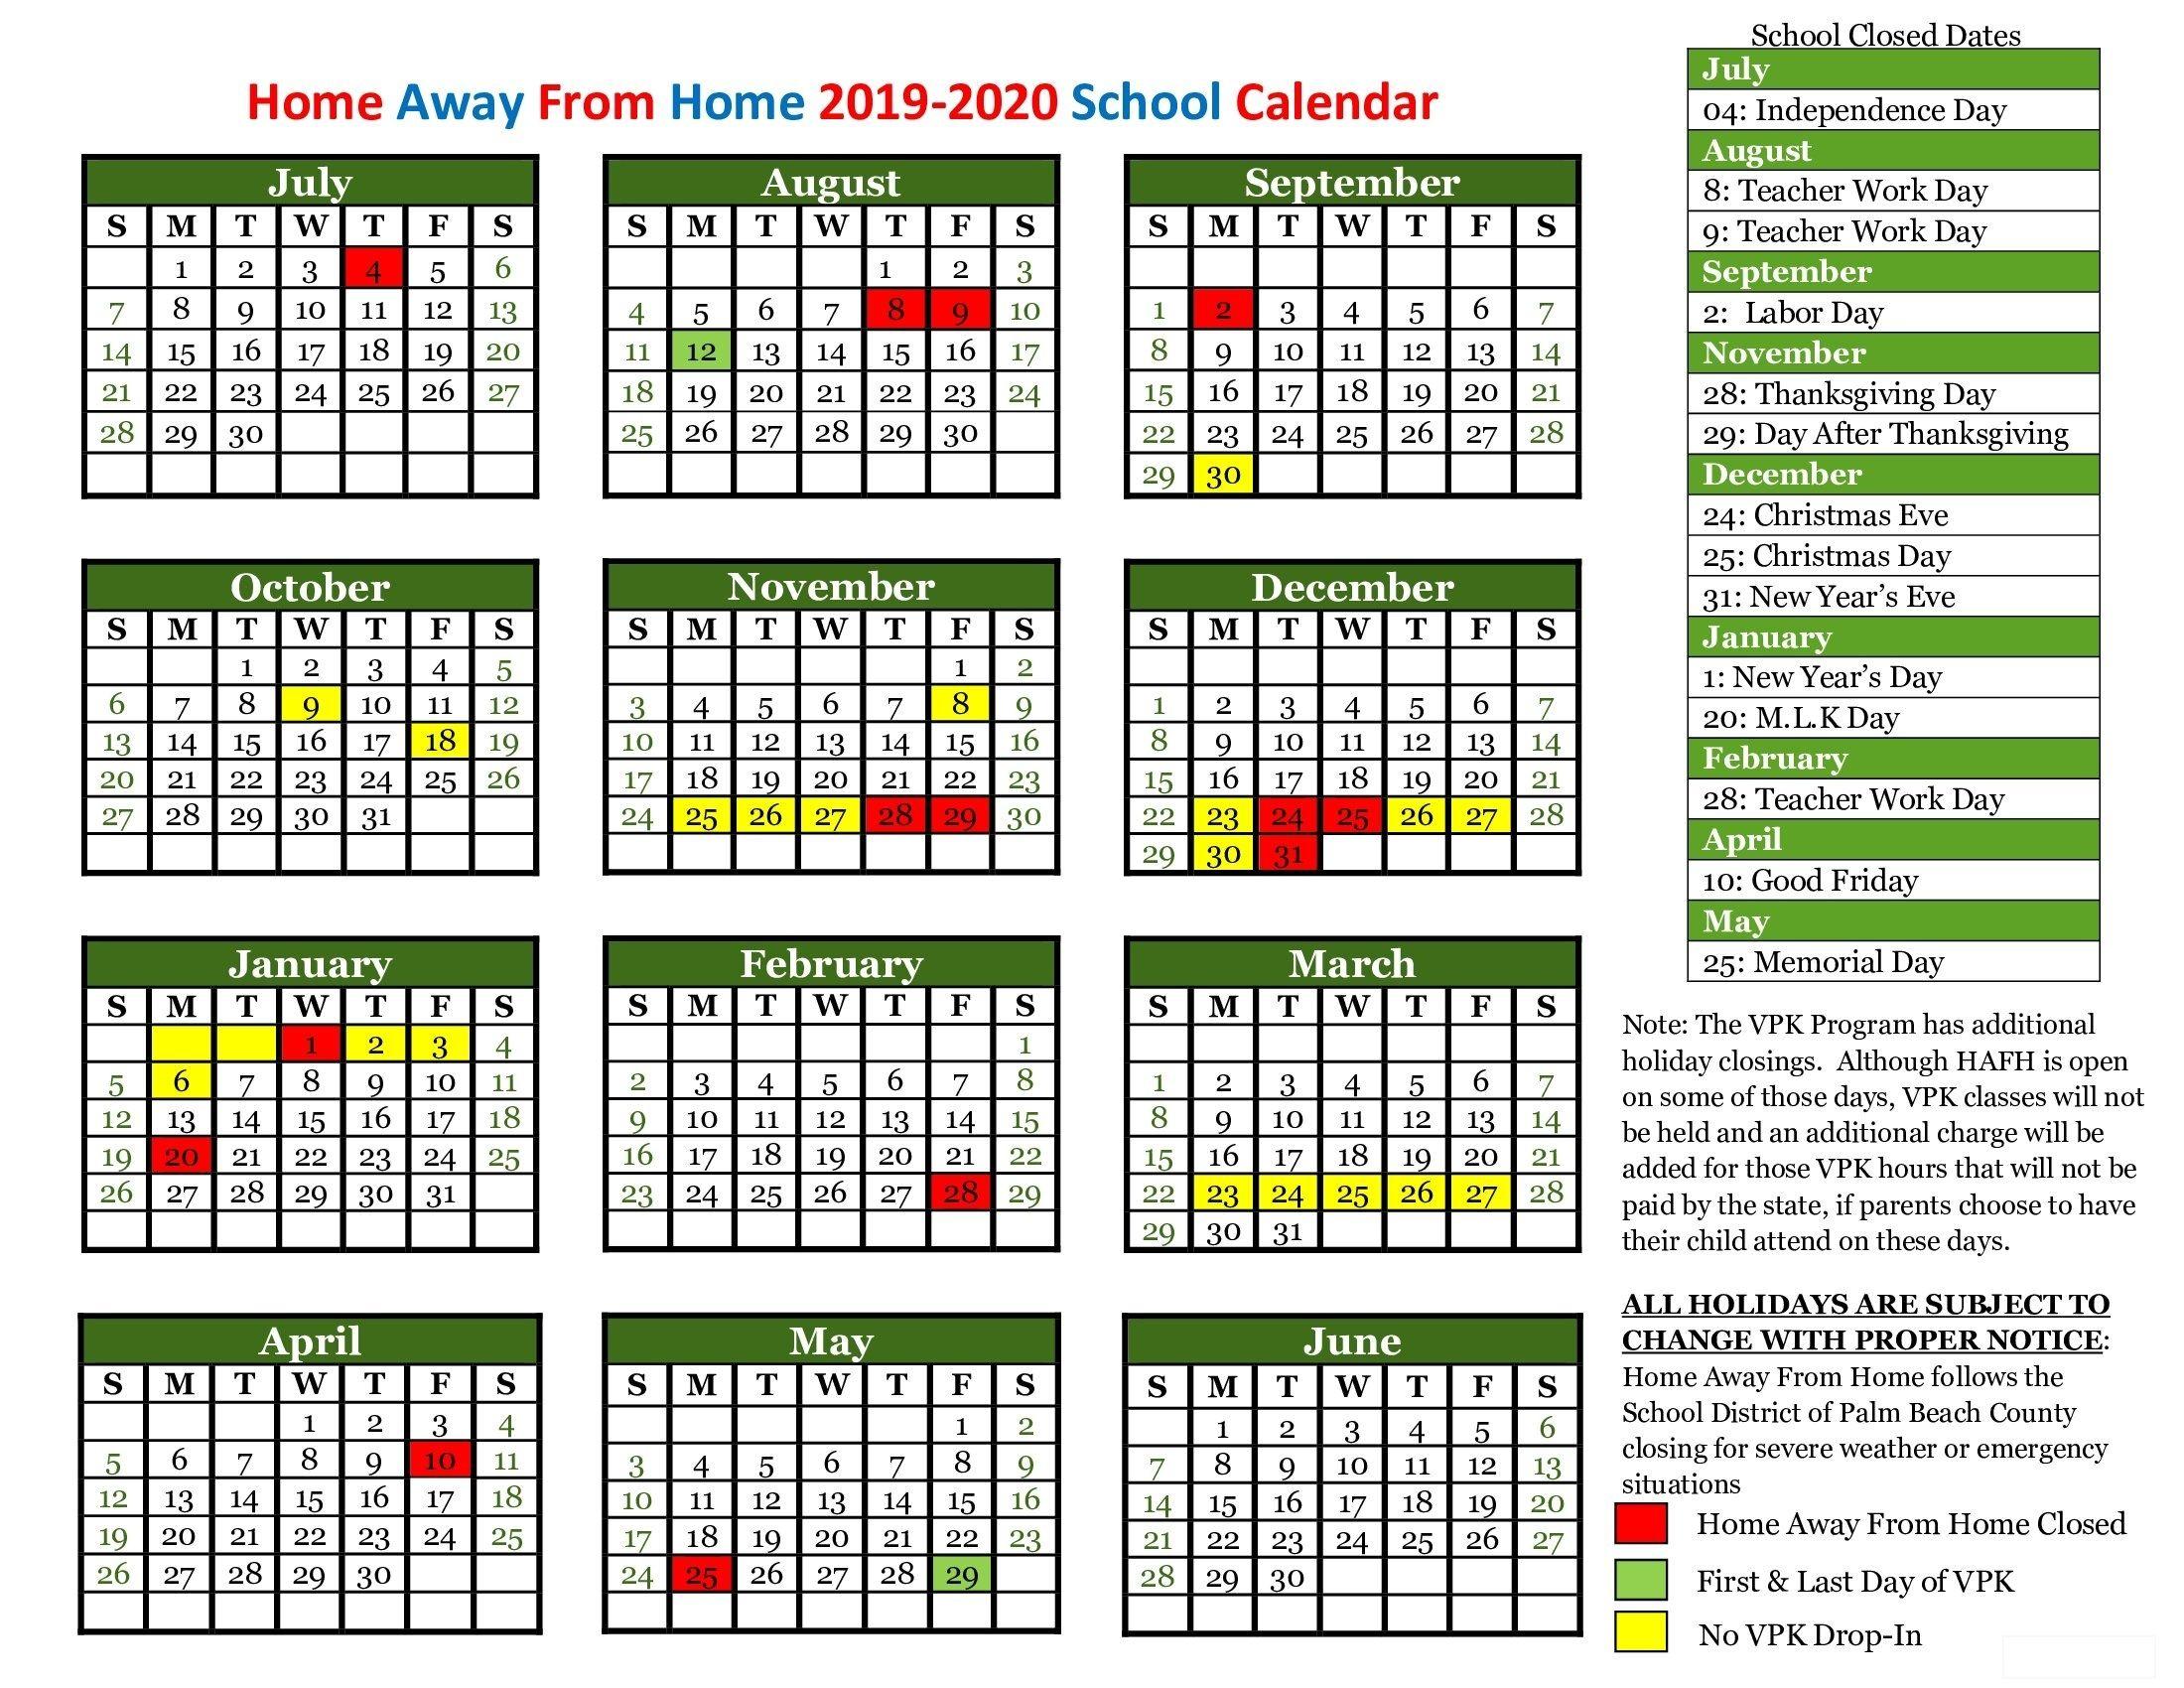 Dashing Calendar School West Palm Beach In 2020 School Calendar Calendar Homeschool Calendar